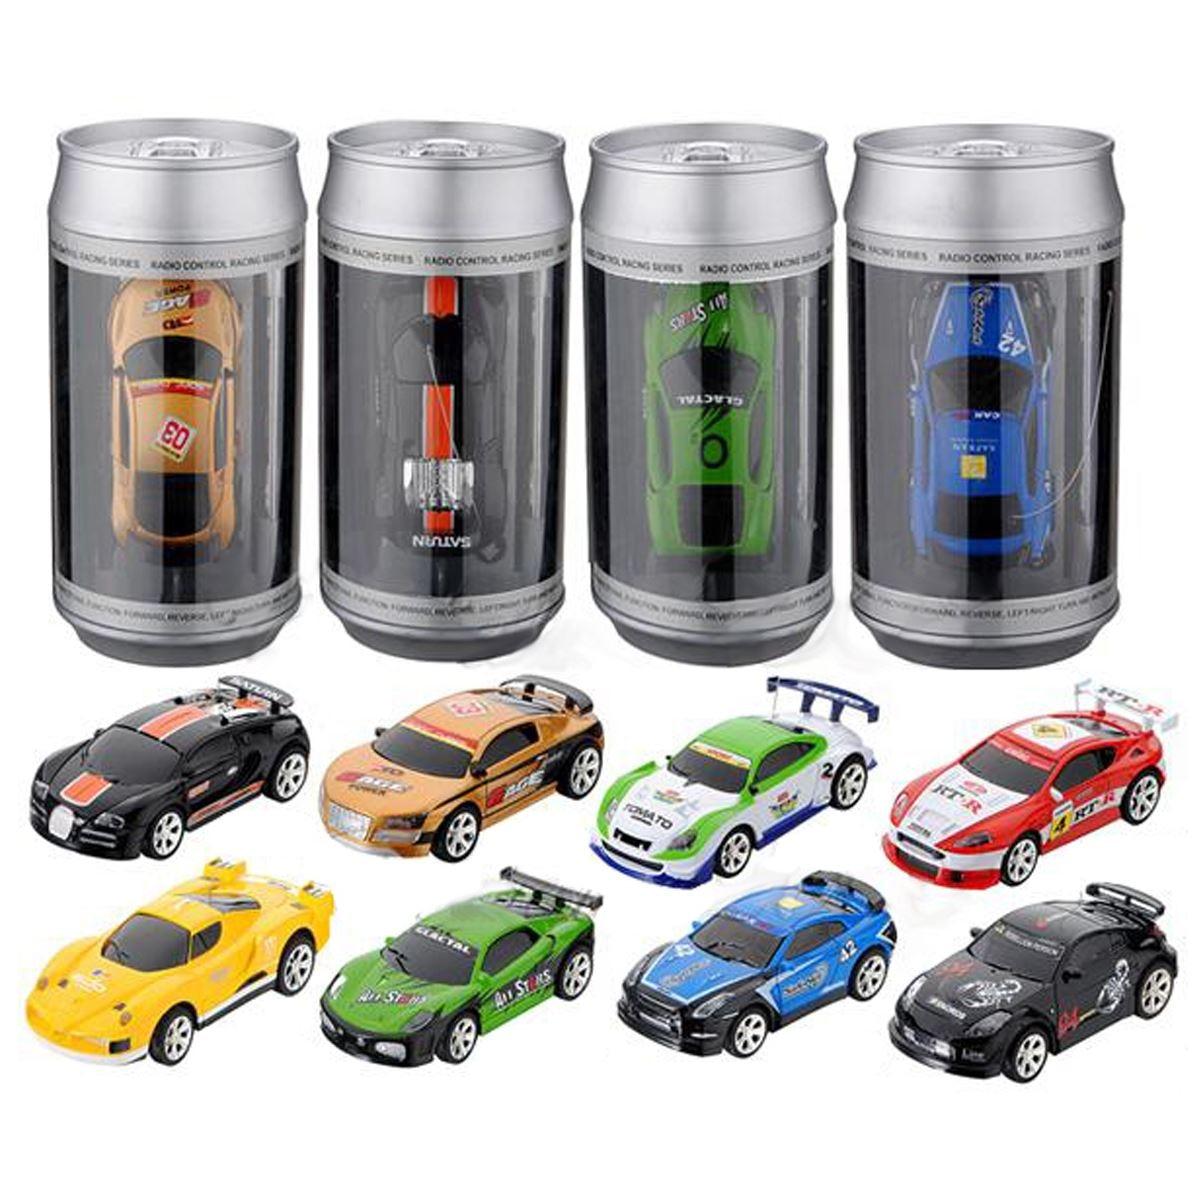 8 colori Caldi di Vendita 20 km/h Coke Può Mini RC Radio Remote Controlla la Micro Vettura Da Corsa 4 Frequenze Giocattolo per I Bambini